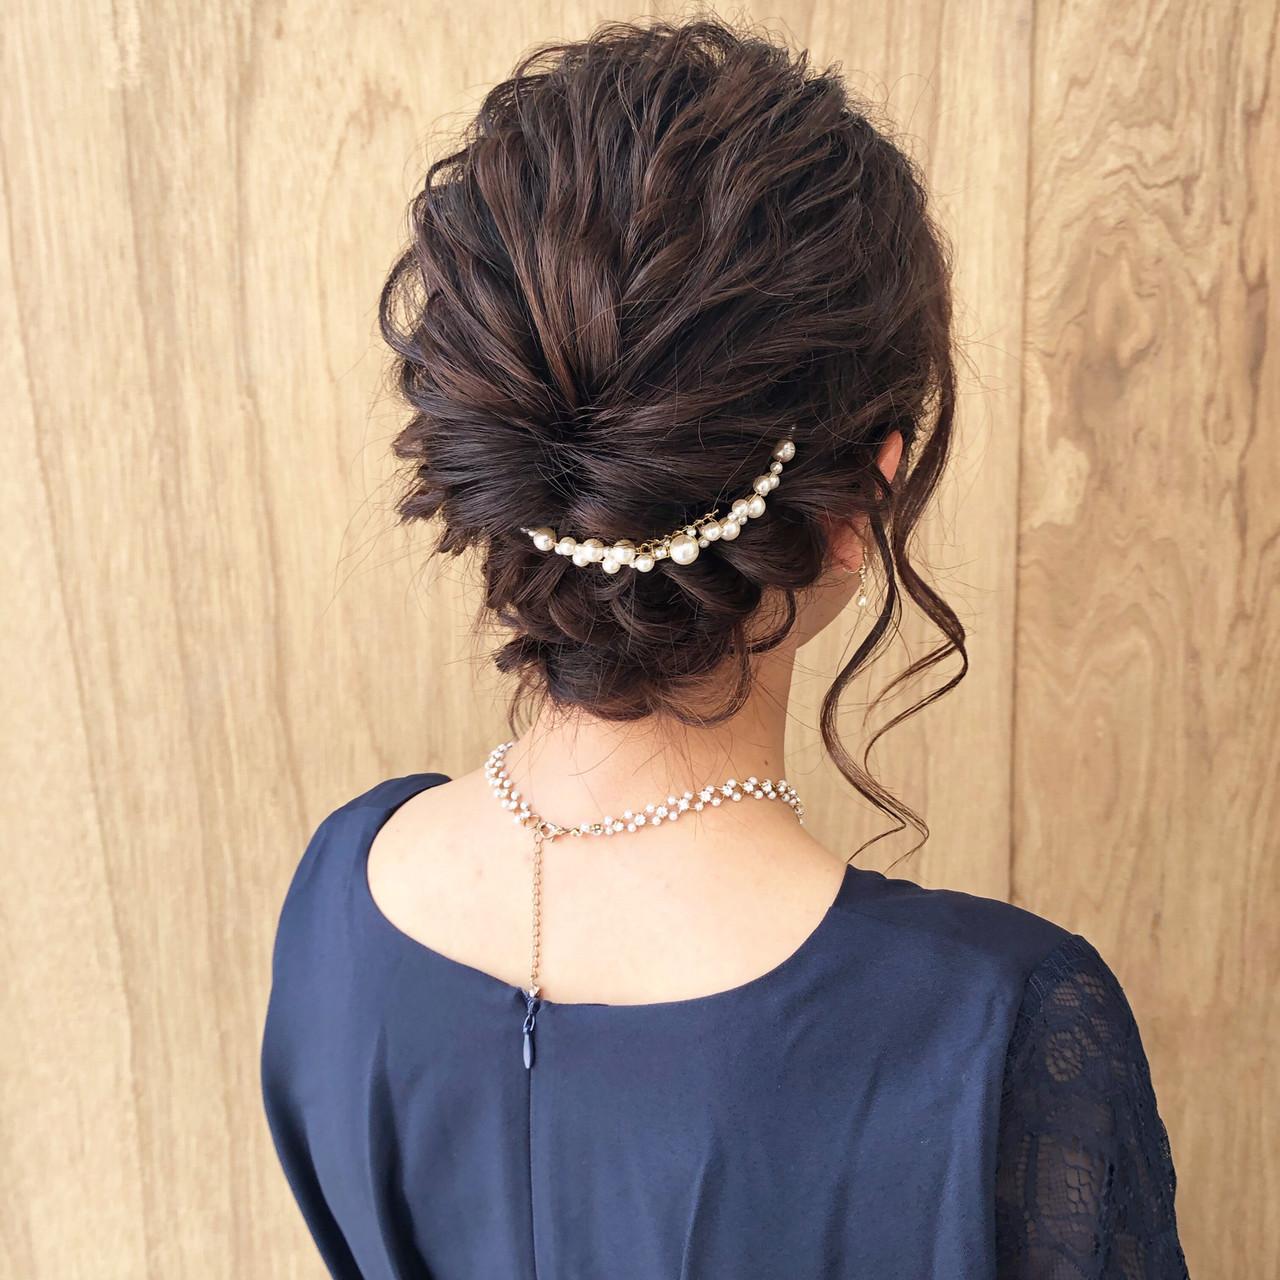 デート 簡単ヘアアレンジ フェミニン セルフヘアアレンジ ヘアスタイルや髪型の写真・画像 | 松井勇樹 / TWiGGY  歩行町店